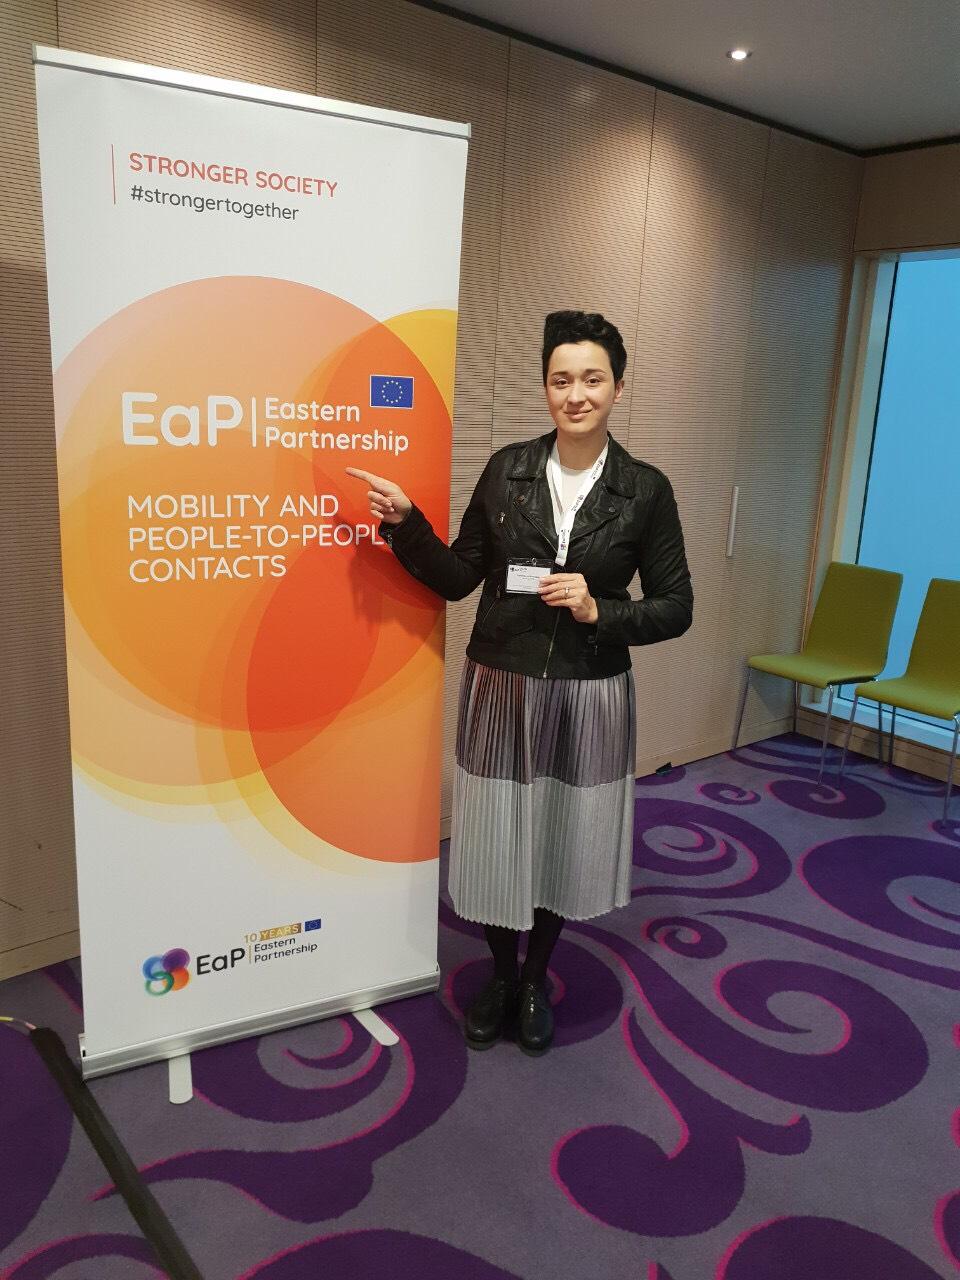 ДИПЛОМНАЯ РАБОТА: как подтвердить квалификацию по евростандартам? Сдать экзамены!